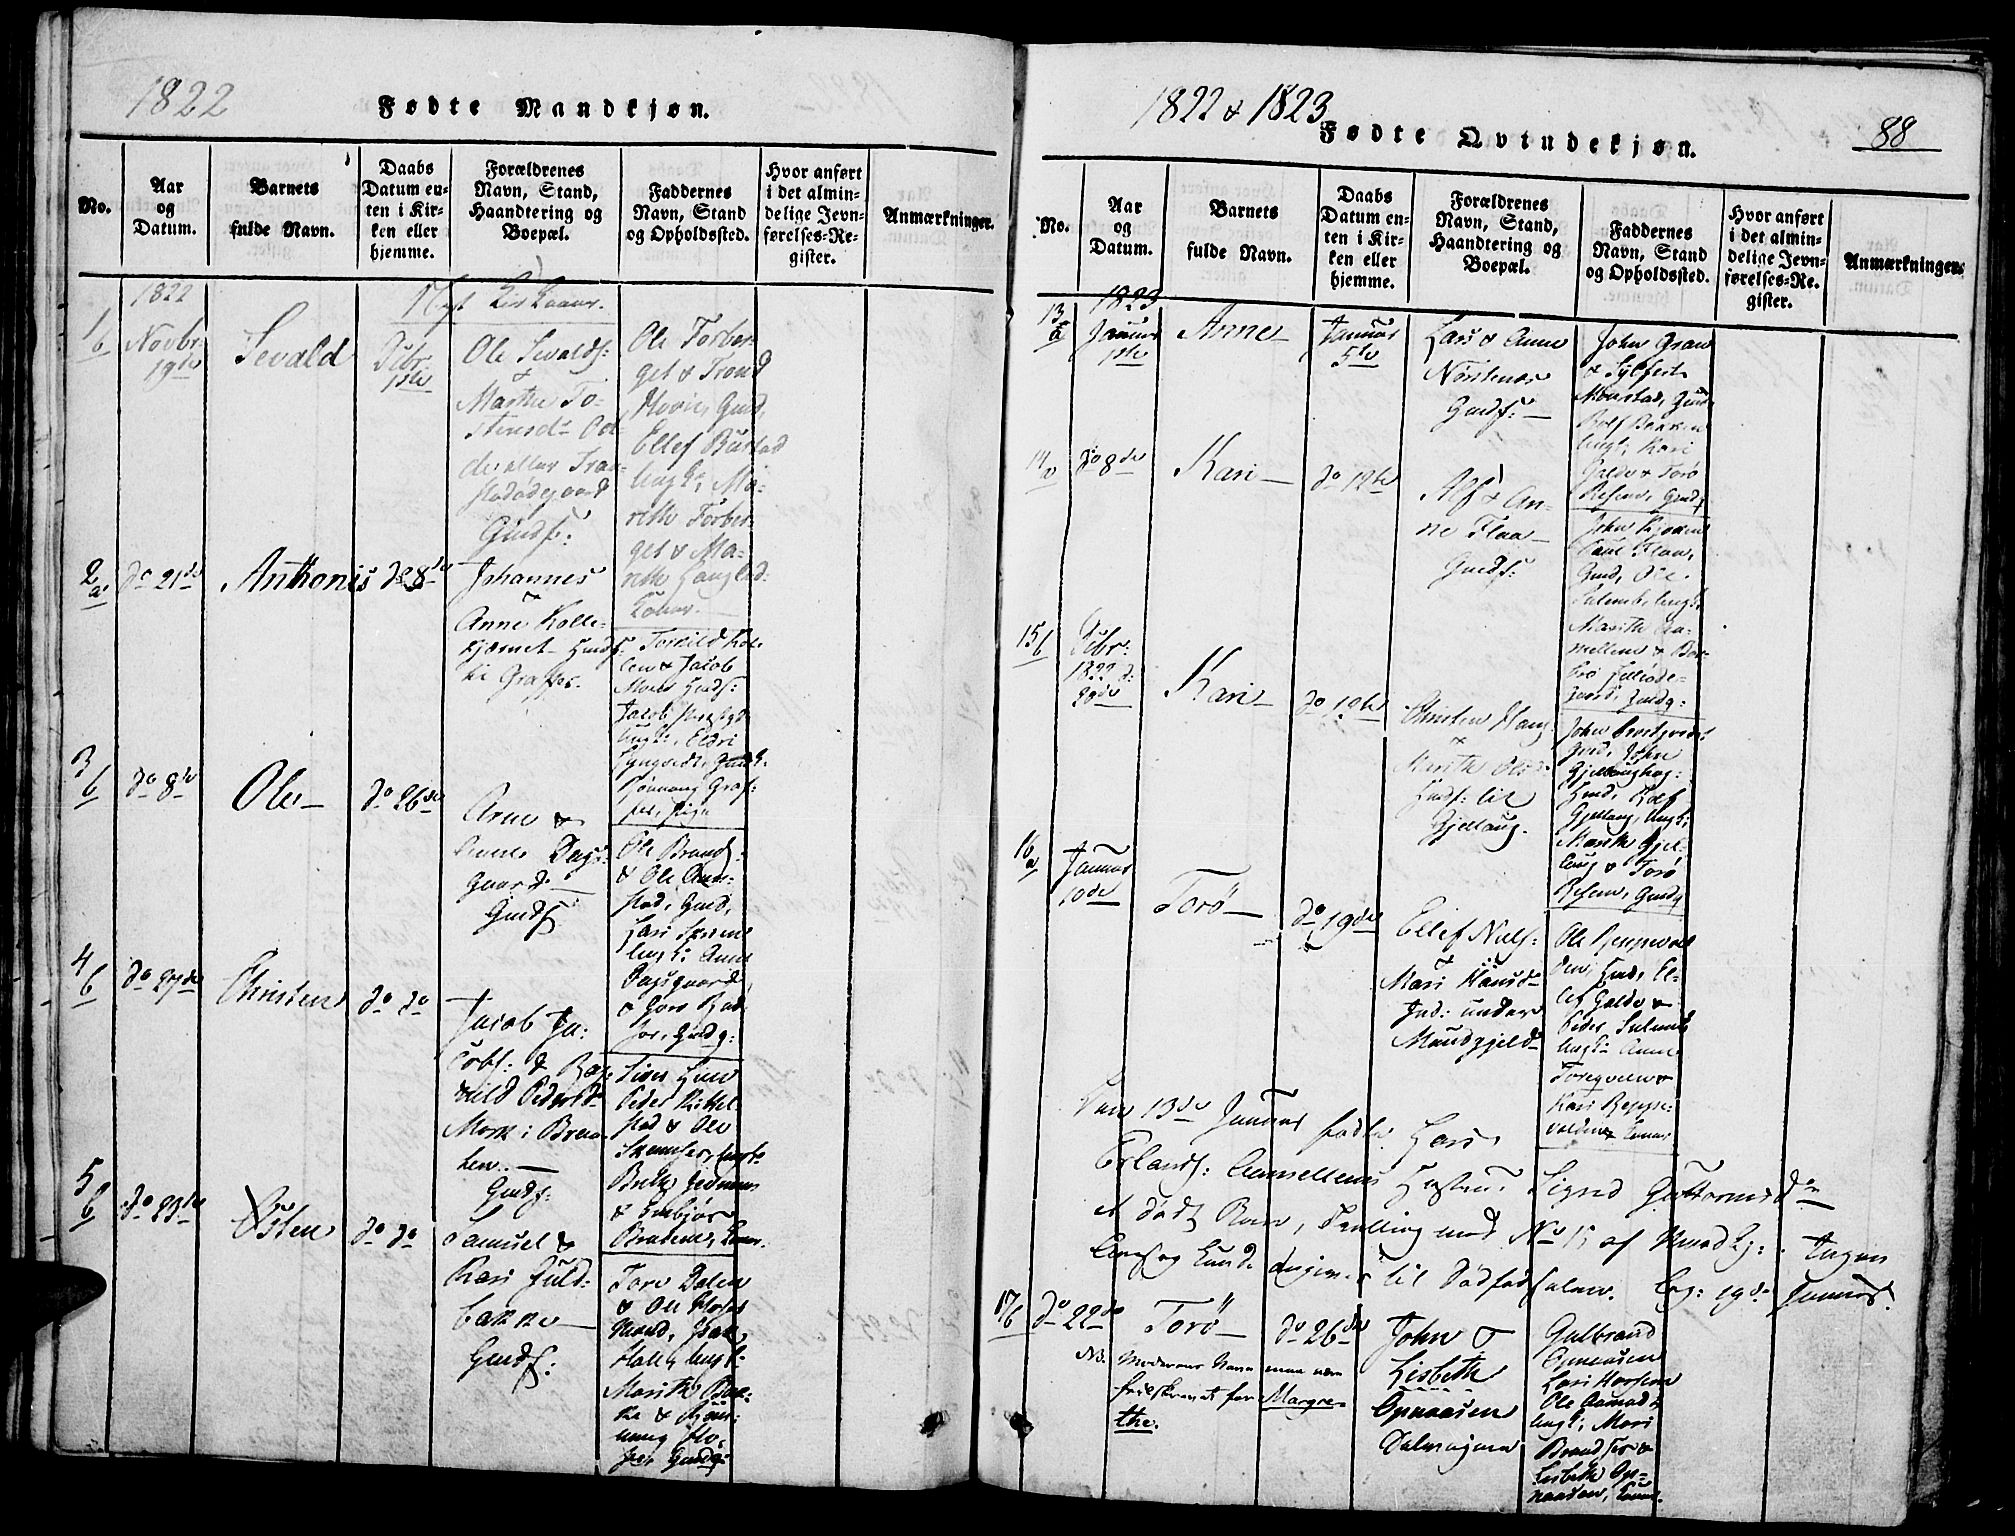 SAH, Lom prestekontor, K/L0004: Ministerialbok nr. 4, 1815-1825, s. 88